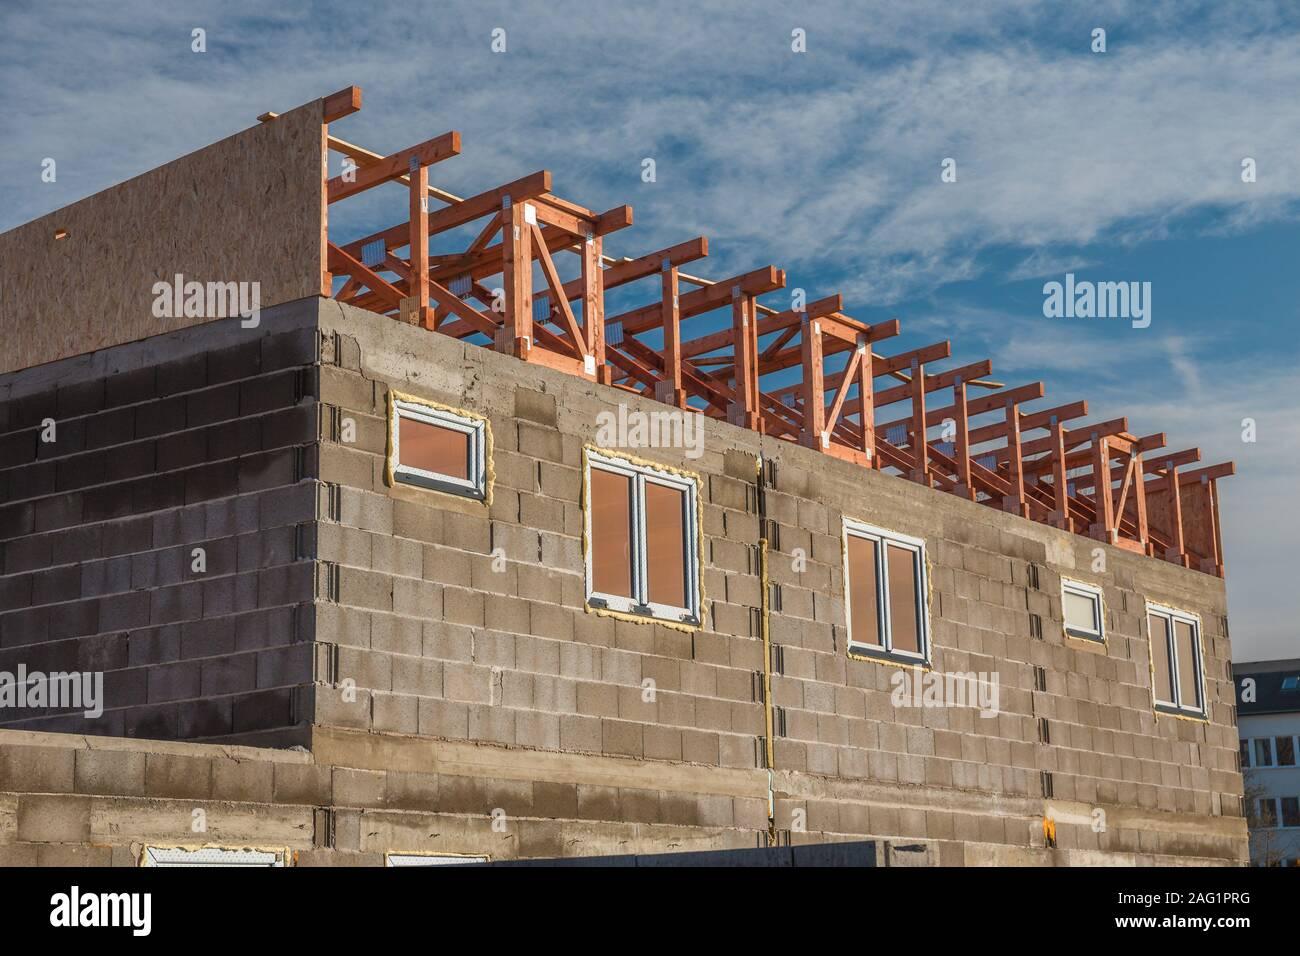 Maison en construction. Juste après l'instalation de panneaux sur le toit. Planches en bois et panneaux de bois pressé. Banque D'Images